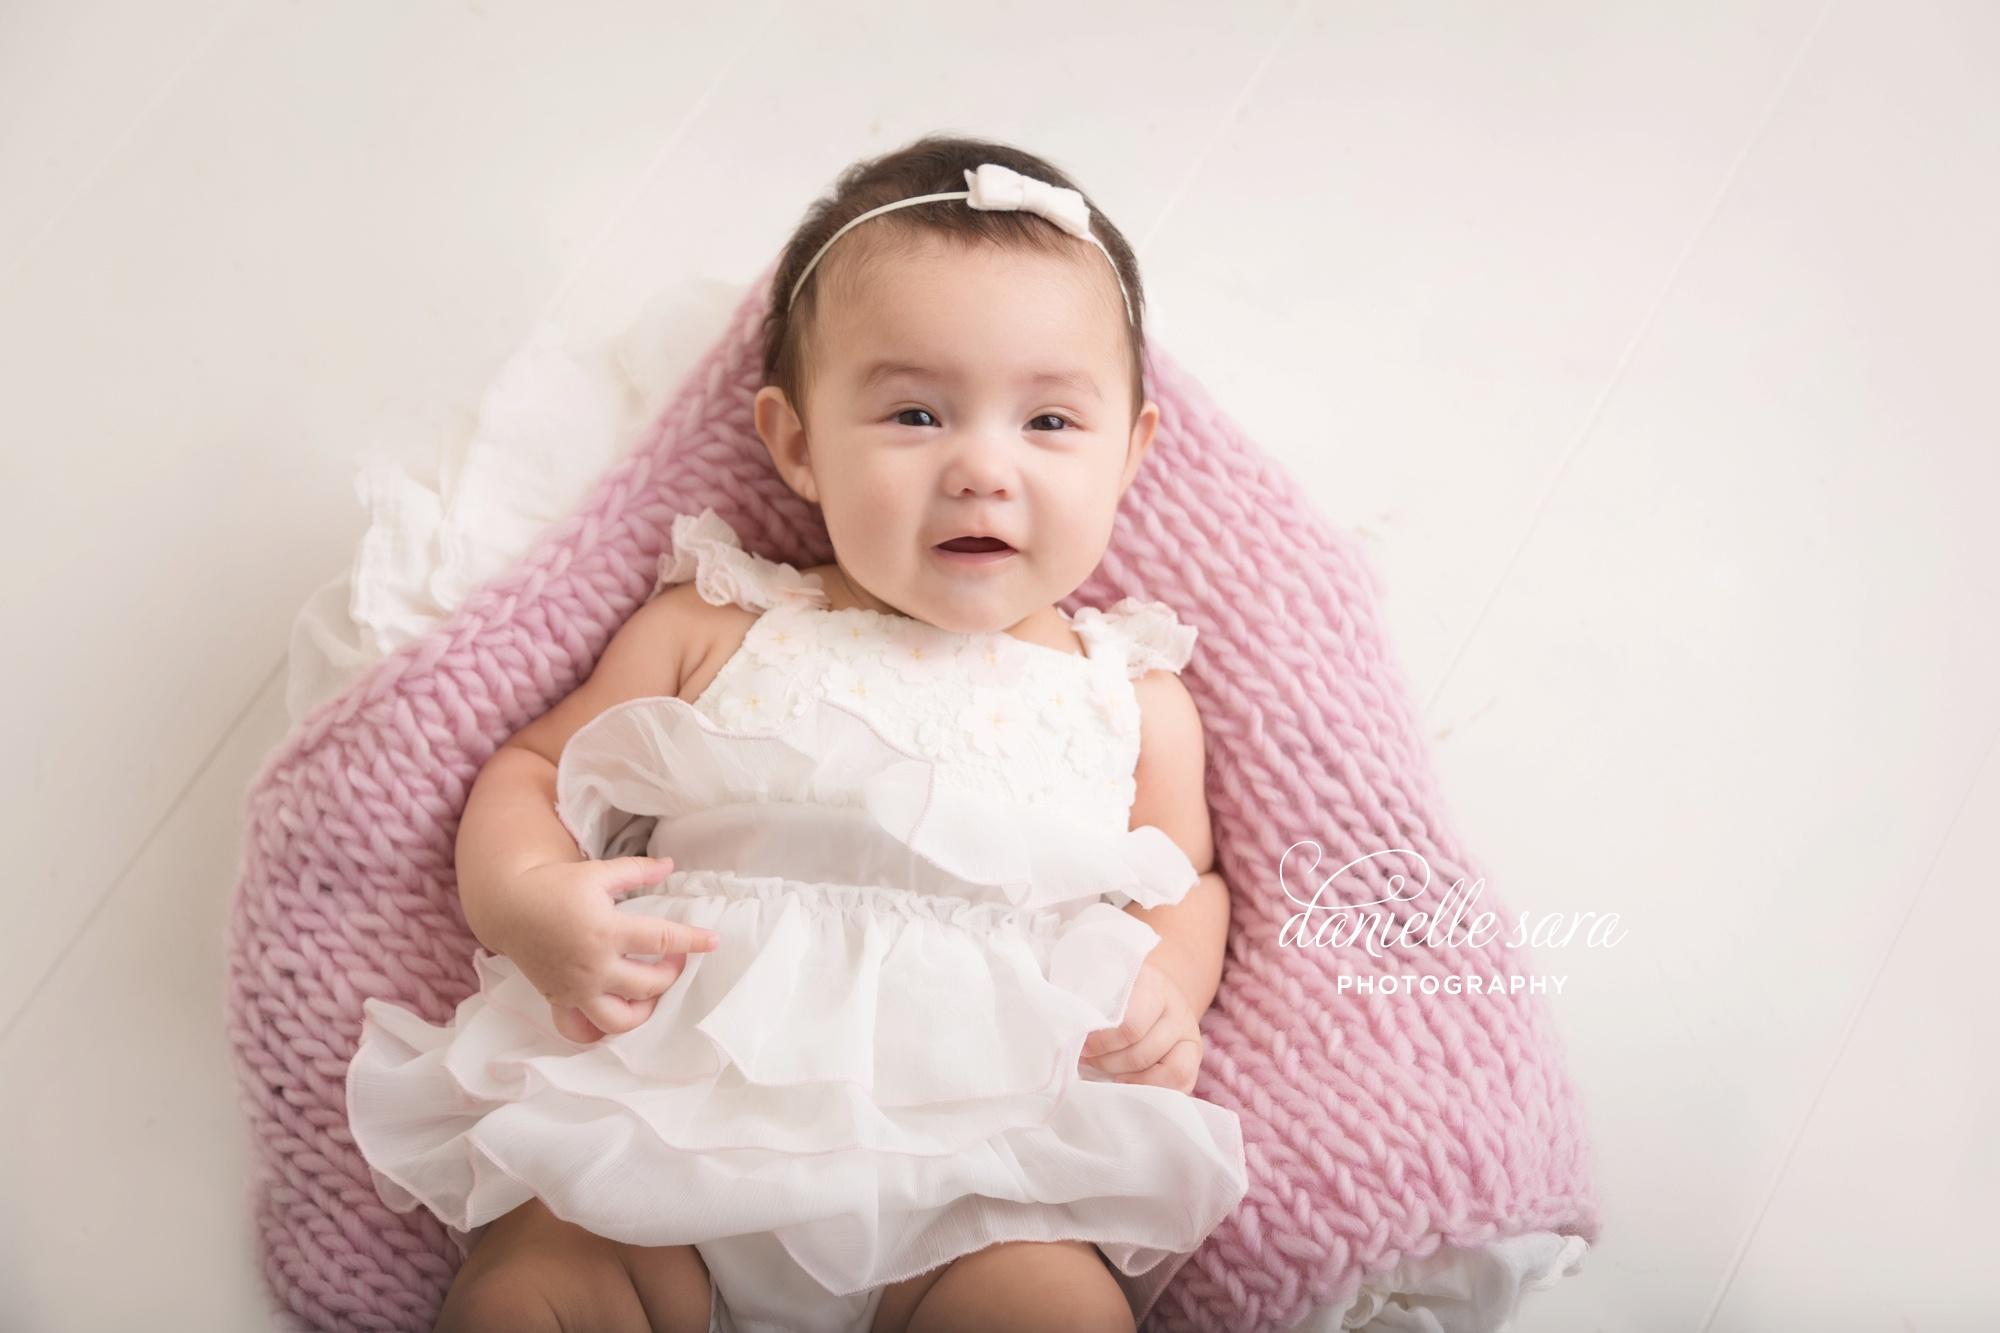 Baby portrait session babyportraits